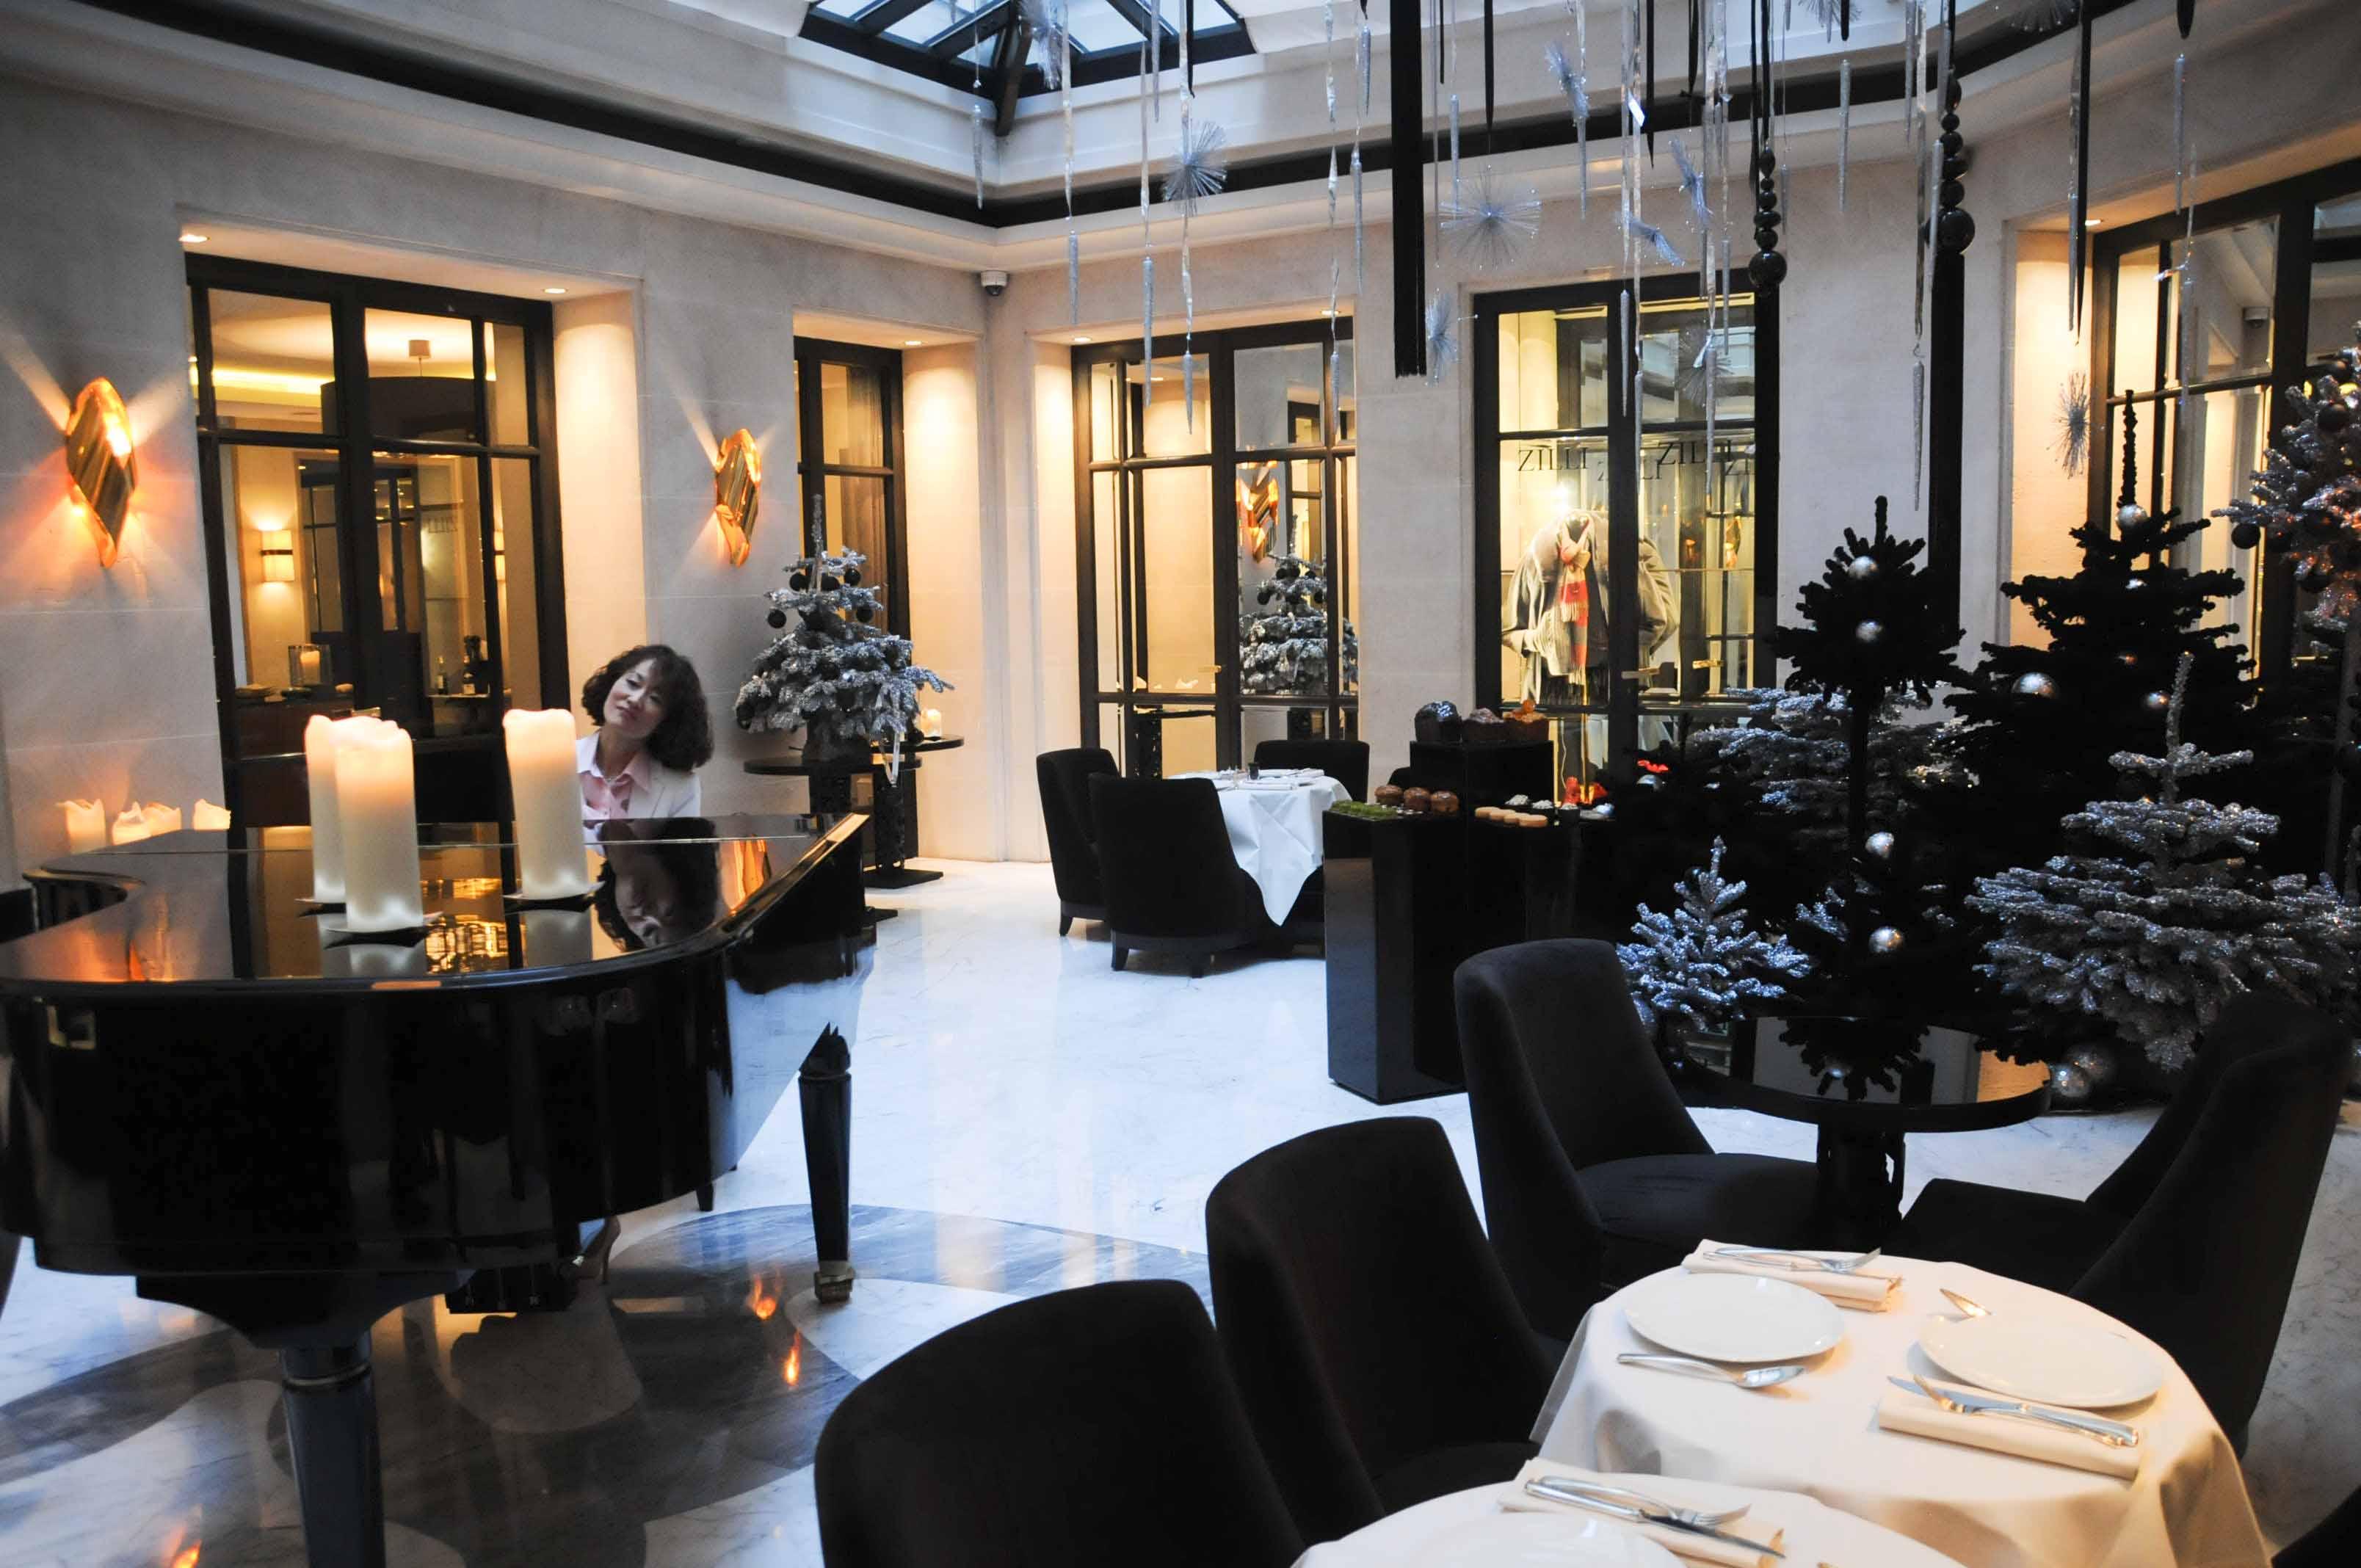 D 233 Jeuner Au Restaurant Le Baudelaire H 244 Tel Burgundy Paris